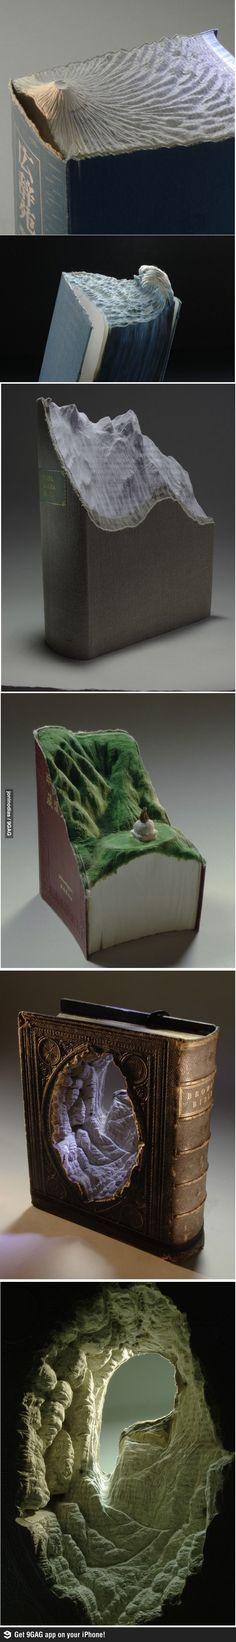 Landscapes carved on books! #landscapeart